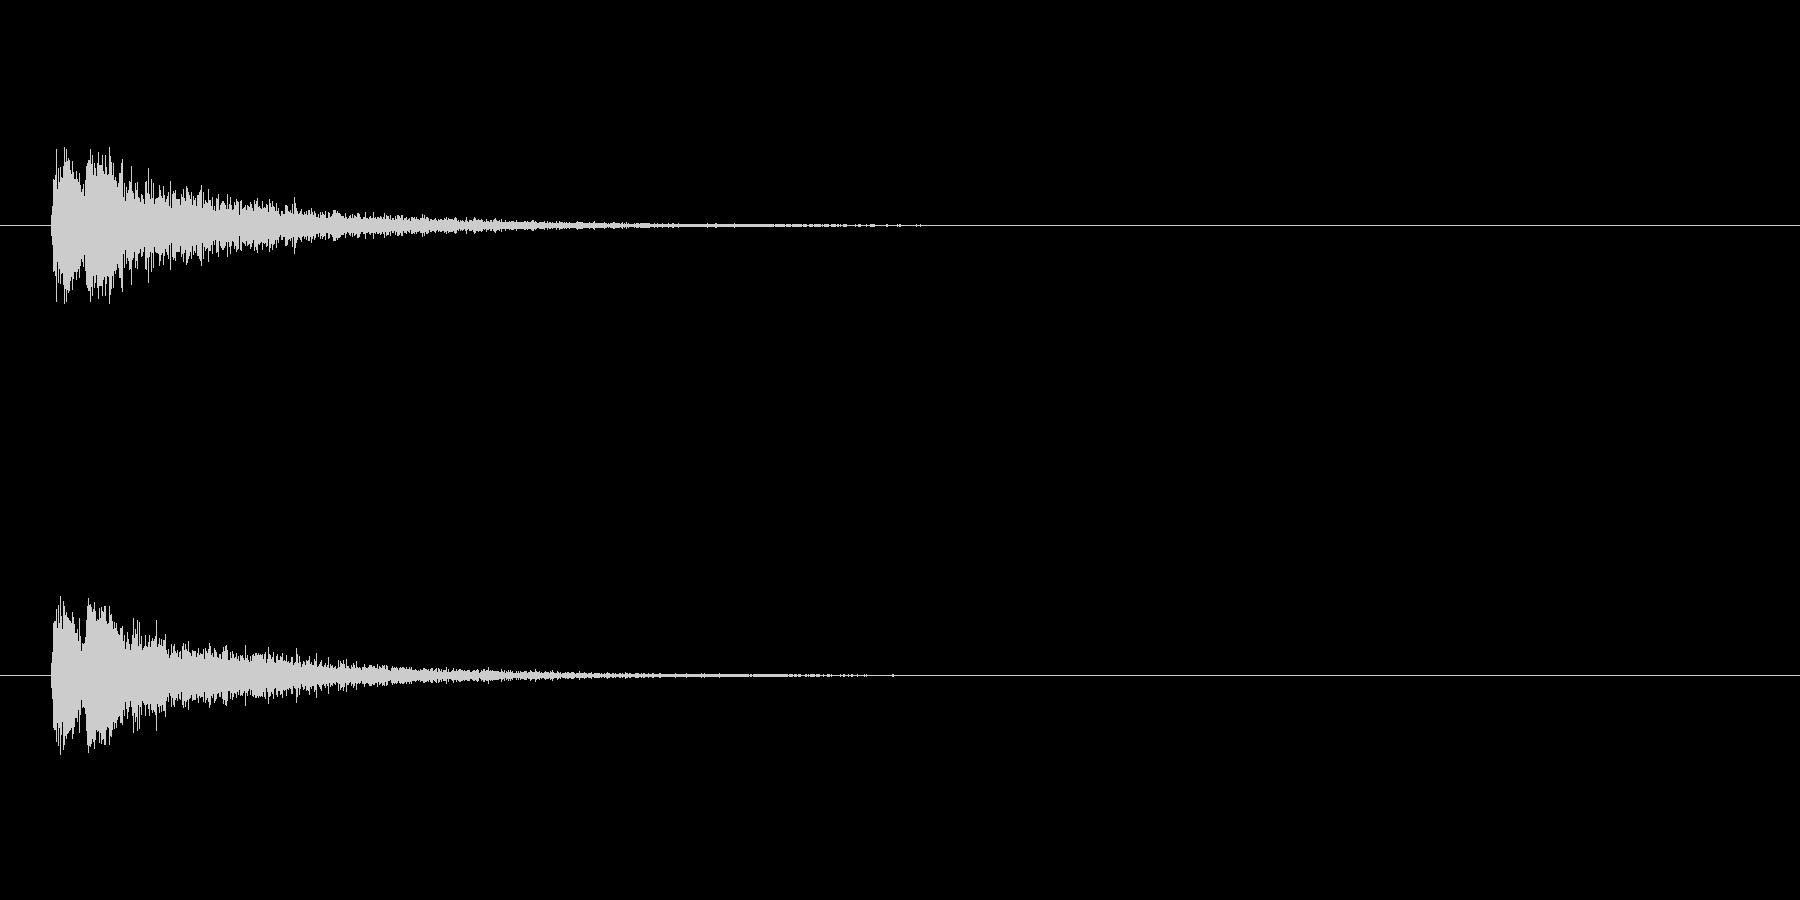 【スポットライト02-1】の未再生の波形